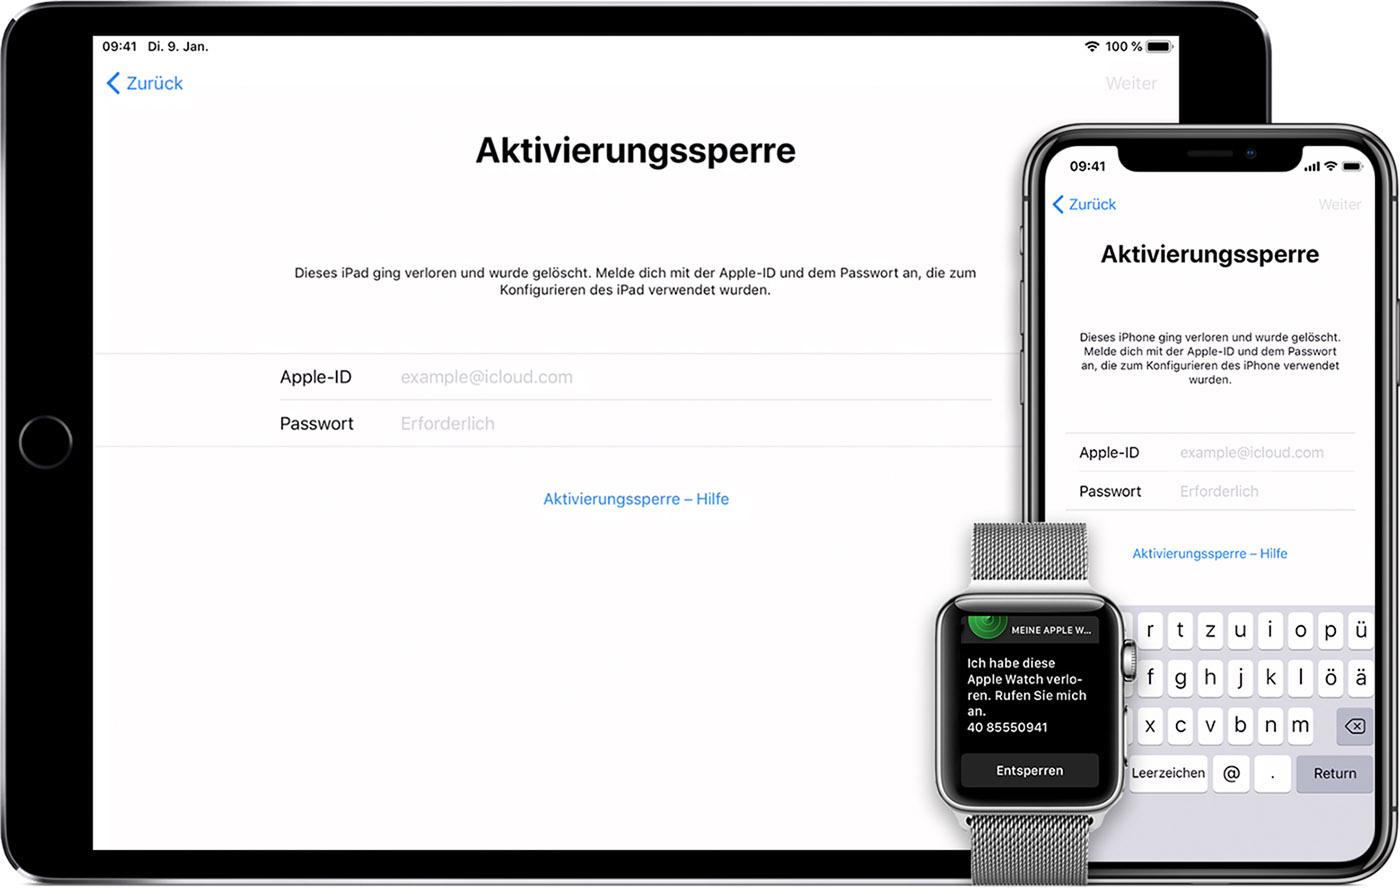 Teil 1: So umgeht man die iCloud-Aktivierungssperre auf dem iPhone 8 (schnelle Lösung)